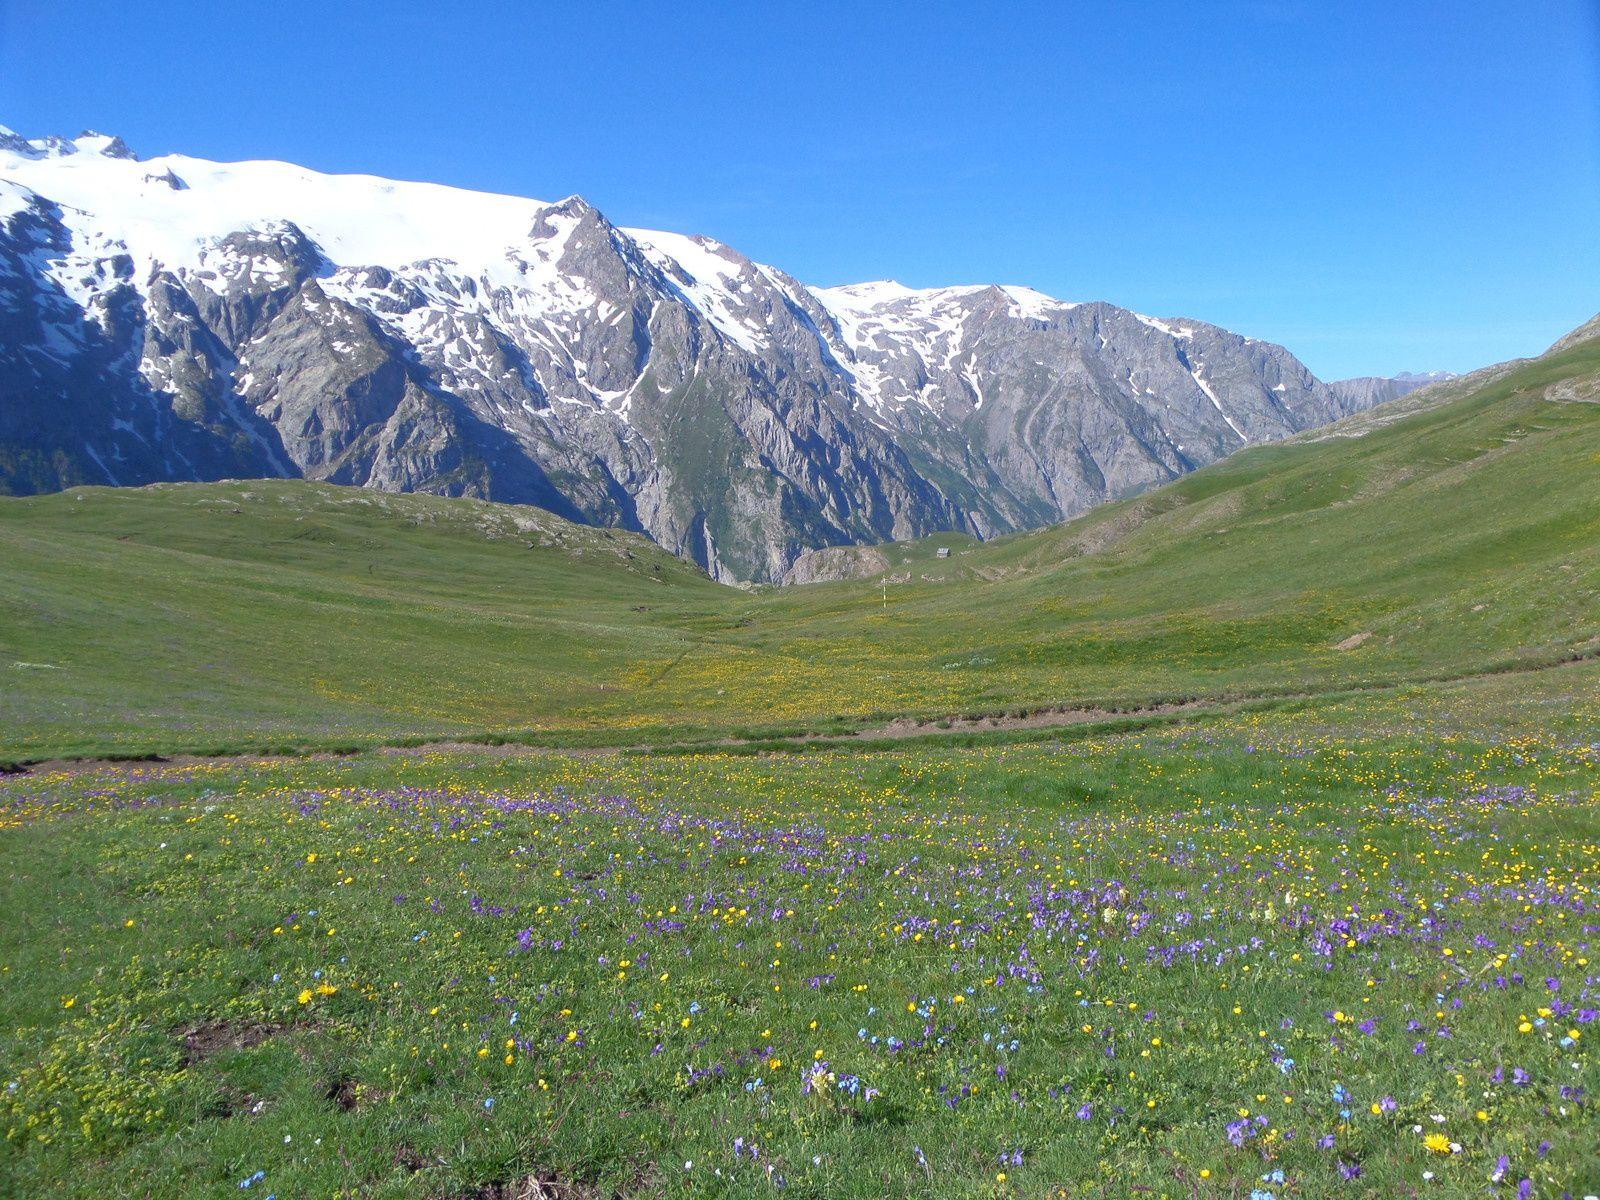 Départ du Chazelet (1770m) et montée sur le Plateau d'Emparis couvert de fleurs jusqu'au Lac Lérié (2387m)